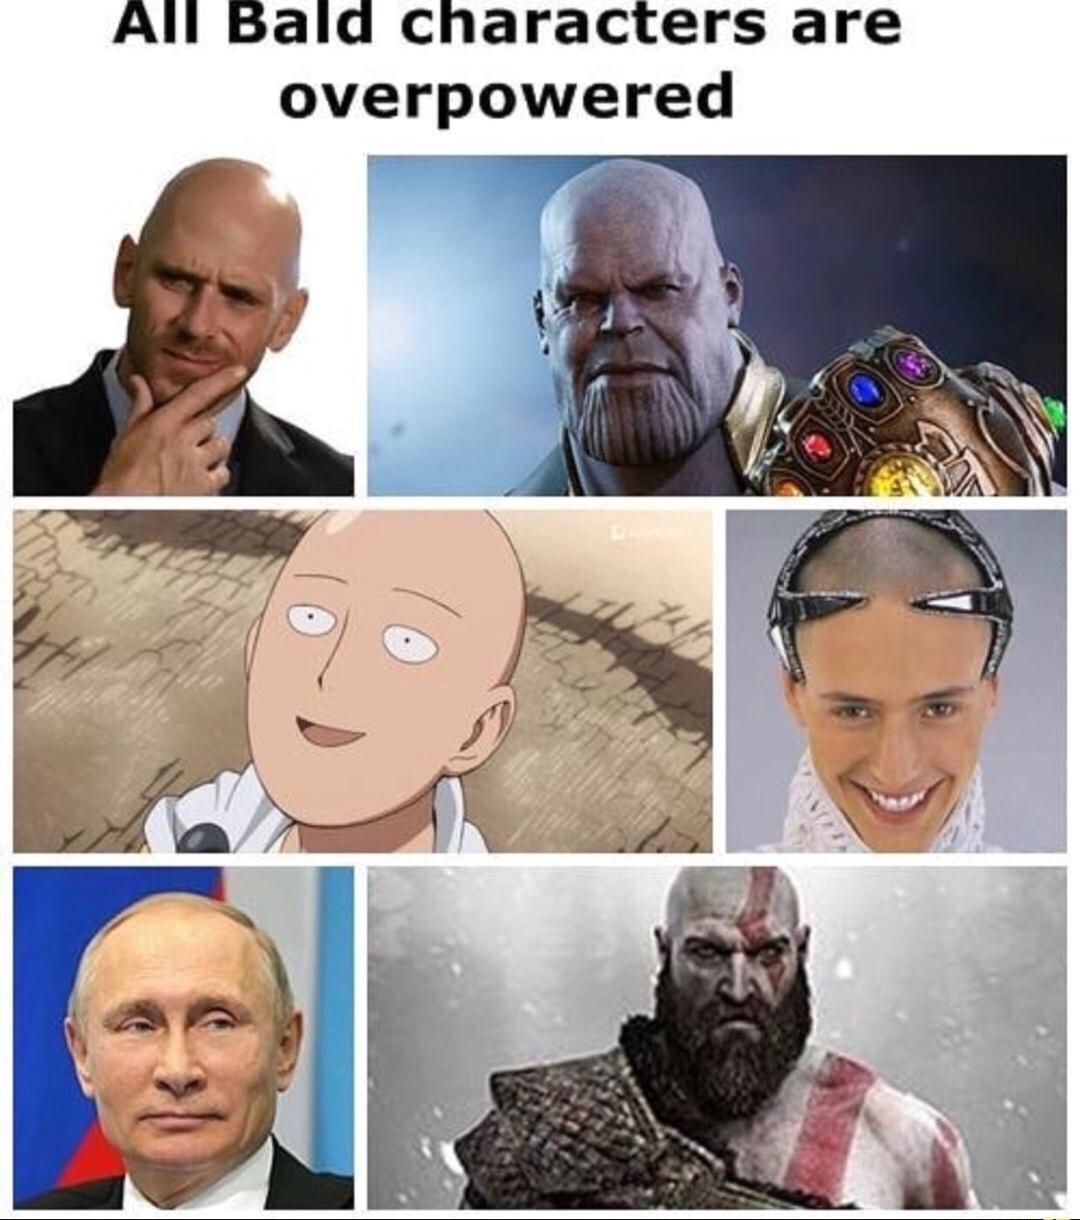 Im bald - meme